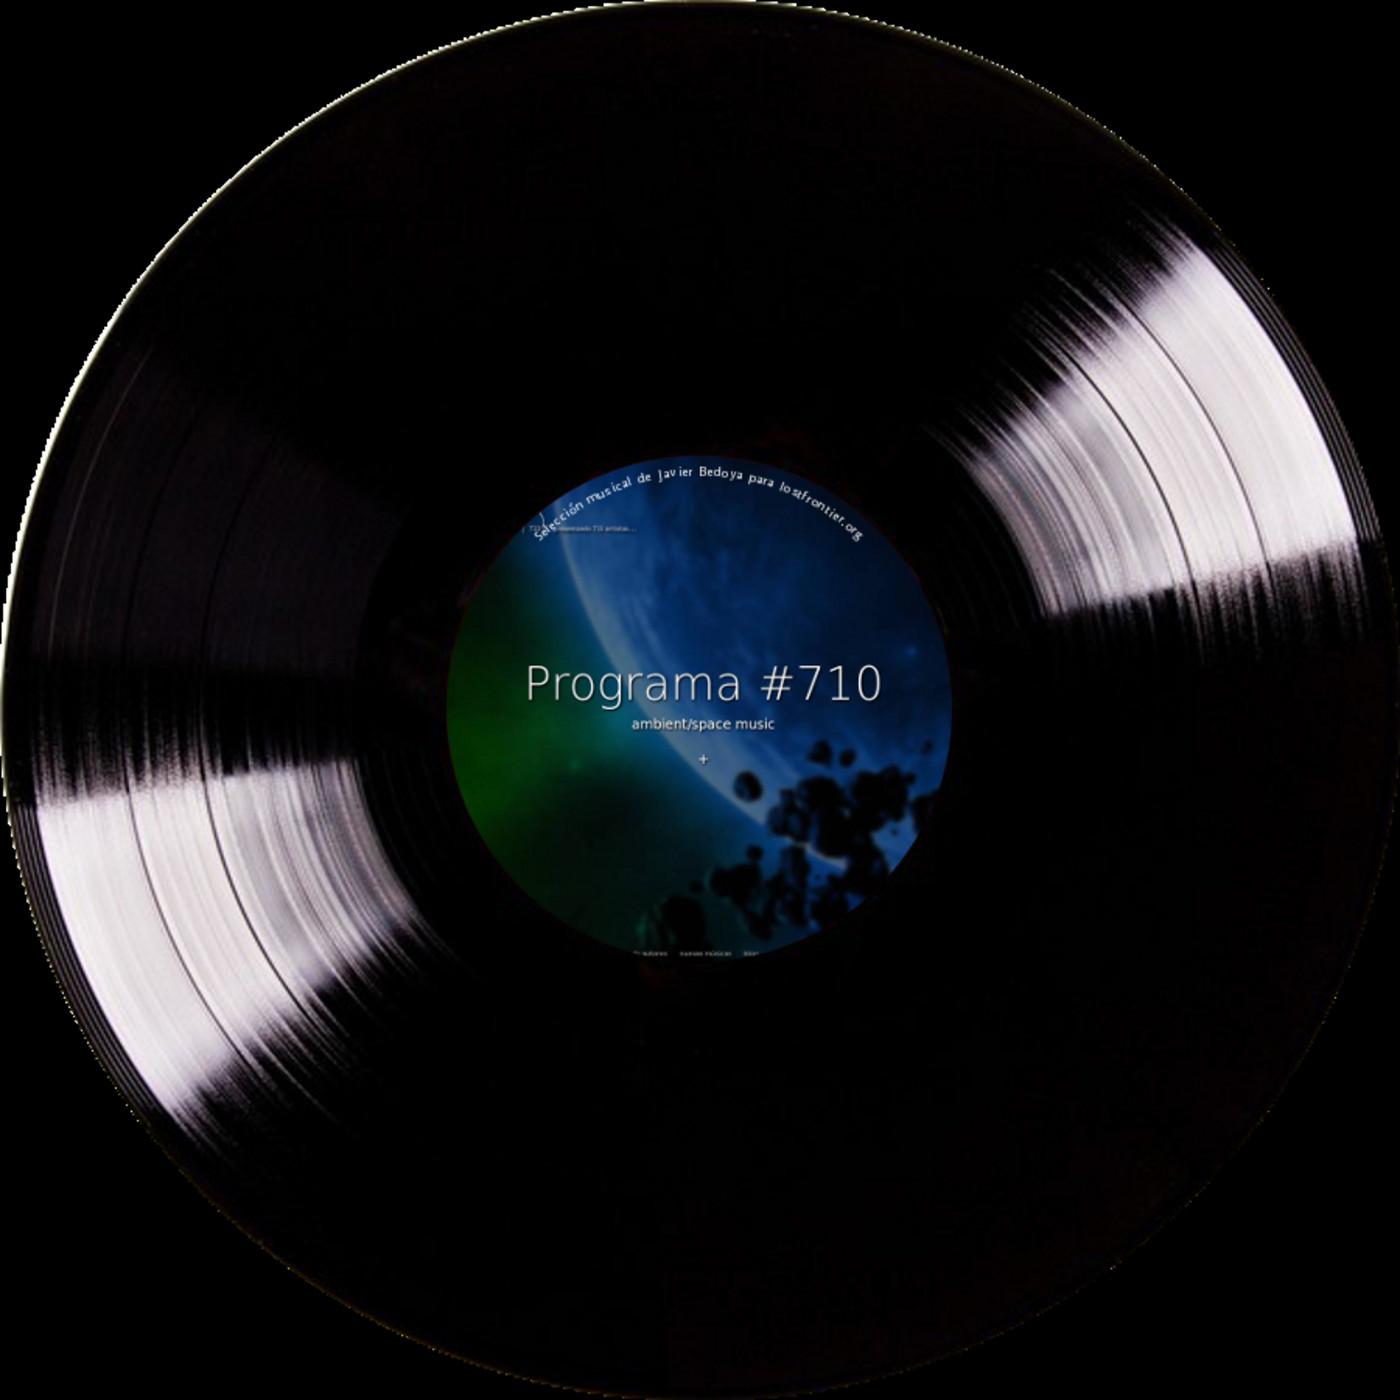 #710, space music, emitido el 26/06/2012